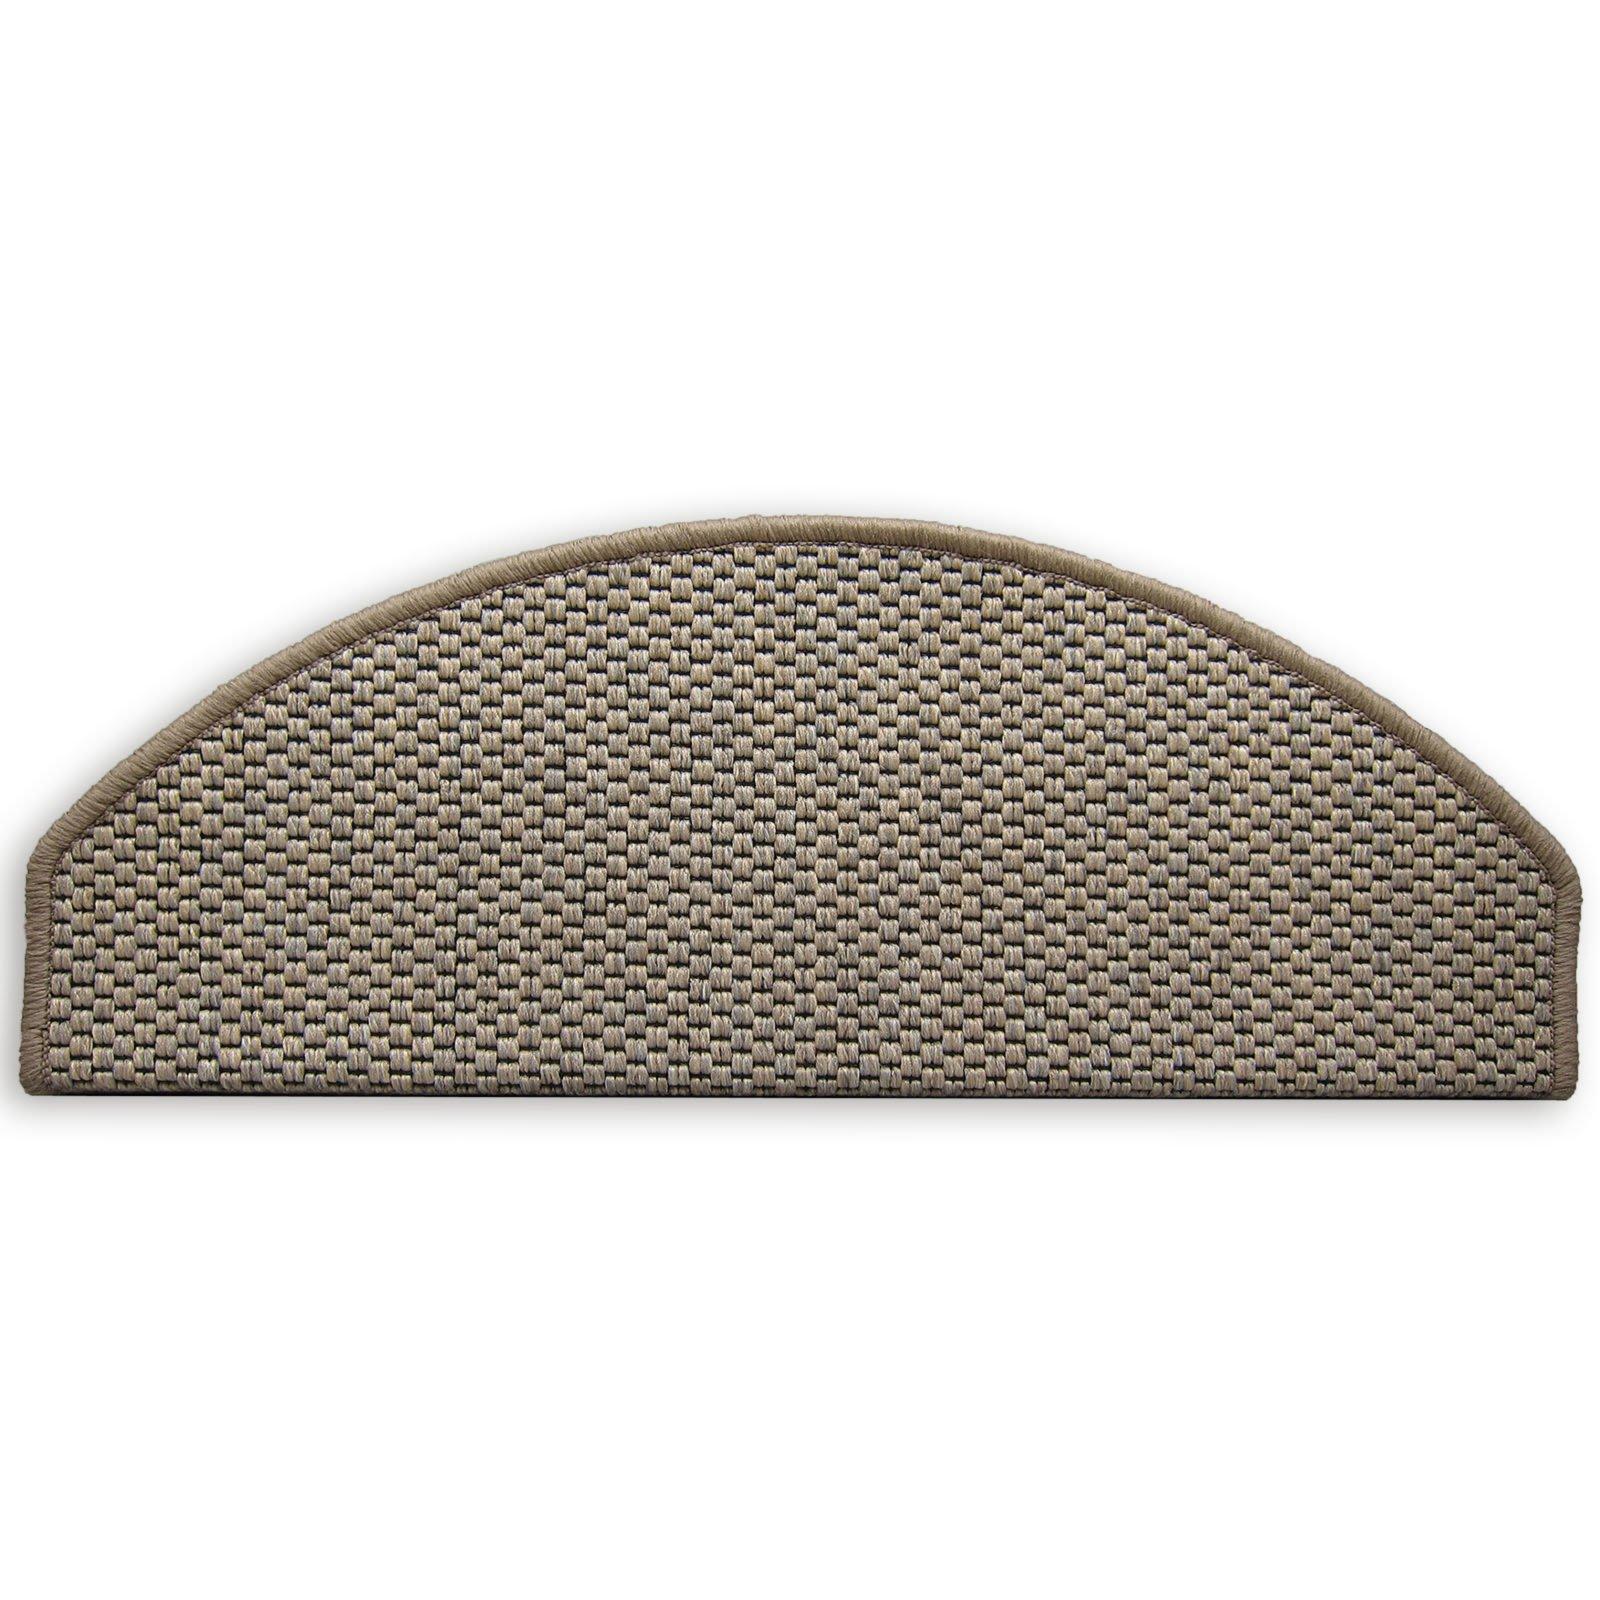 Stufenmatte NATURA - beige - 28x65 cm